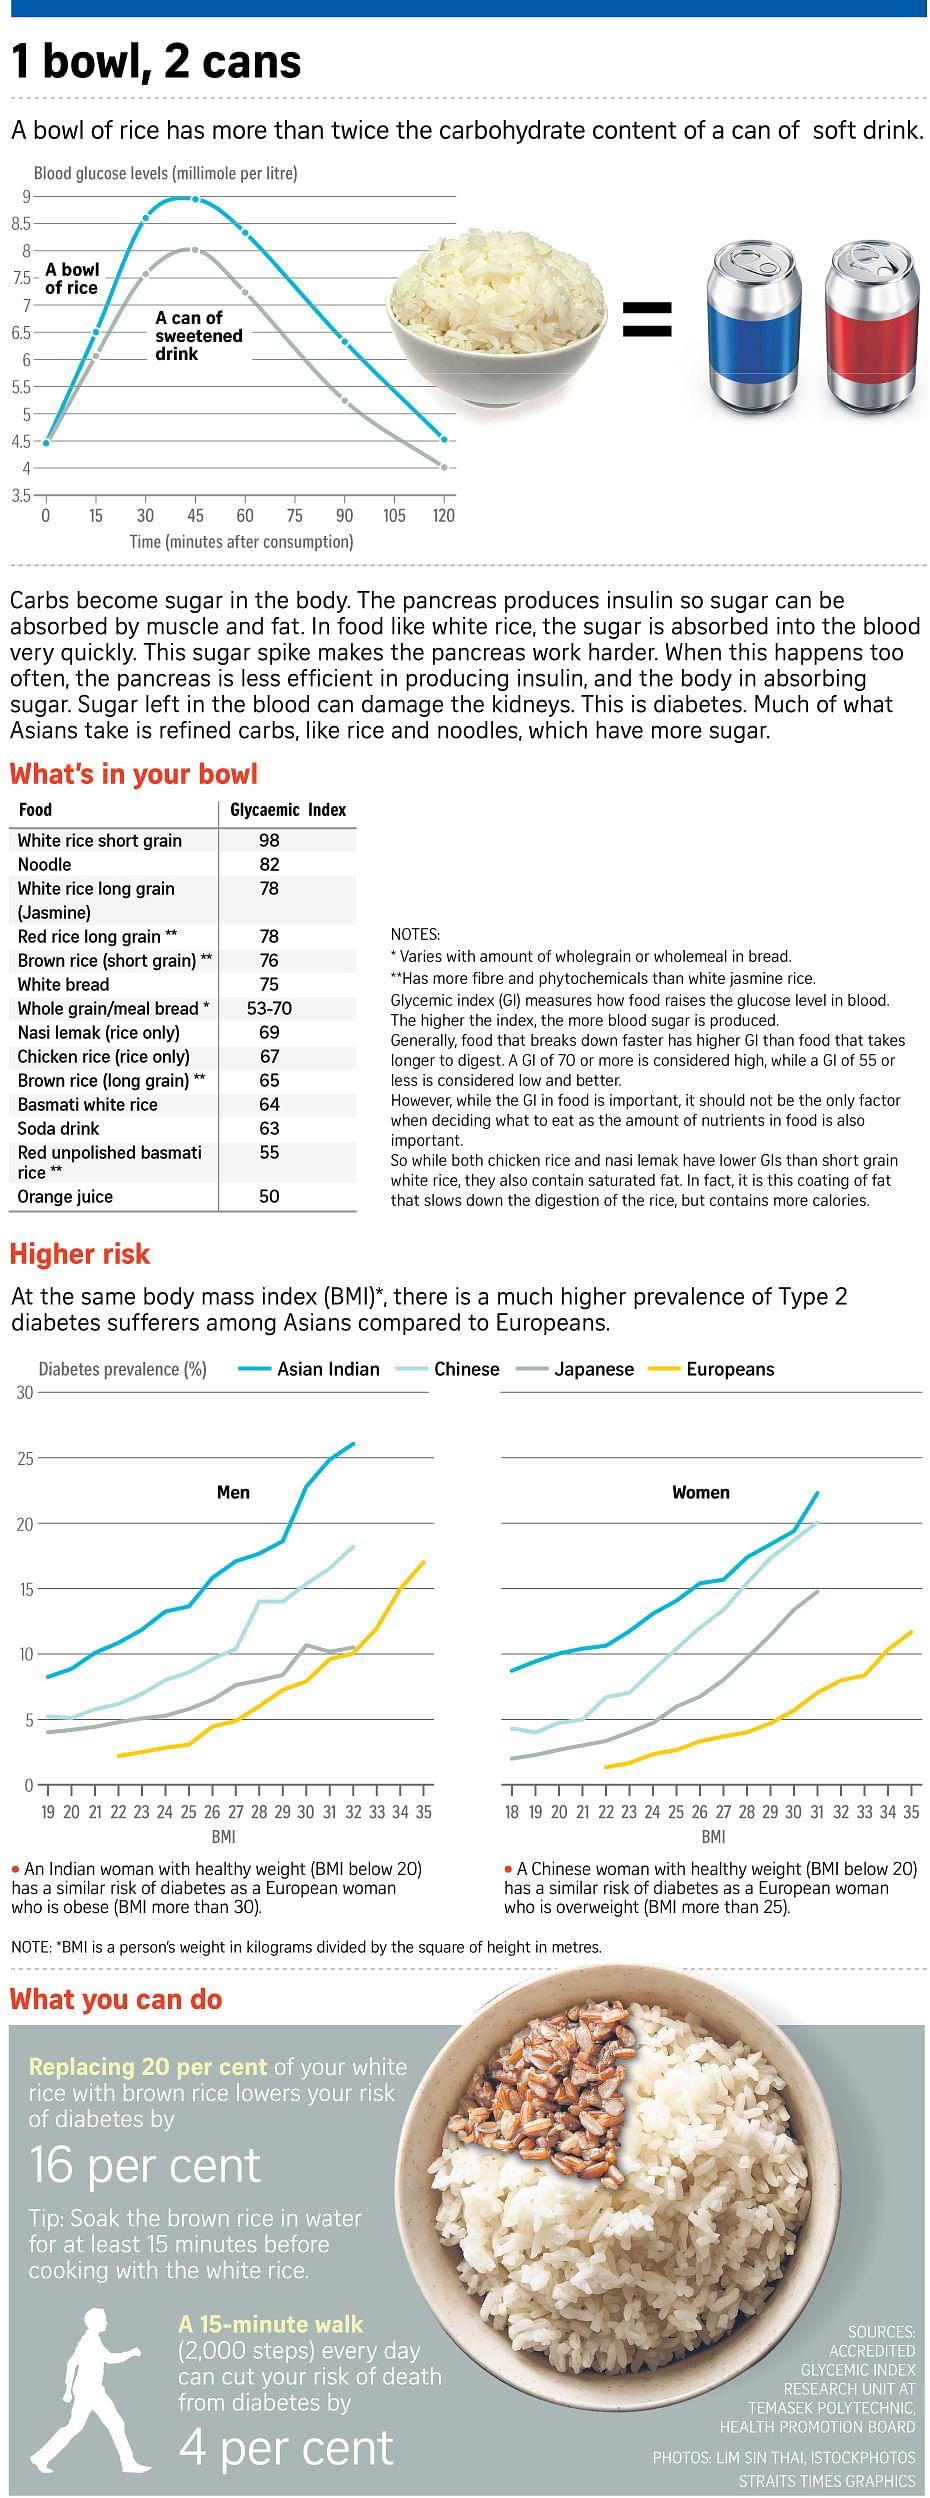 [Image: 160506-rice-and-diabetes-study_carol.jpg]